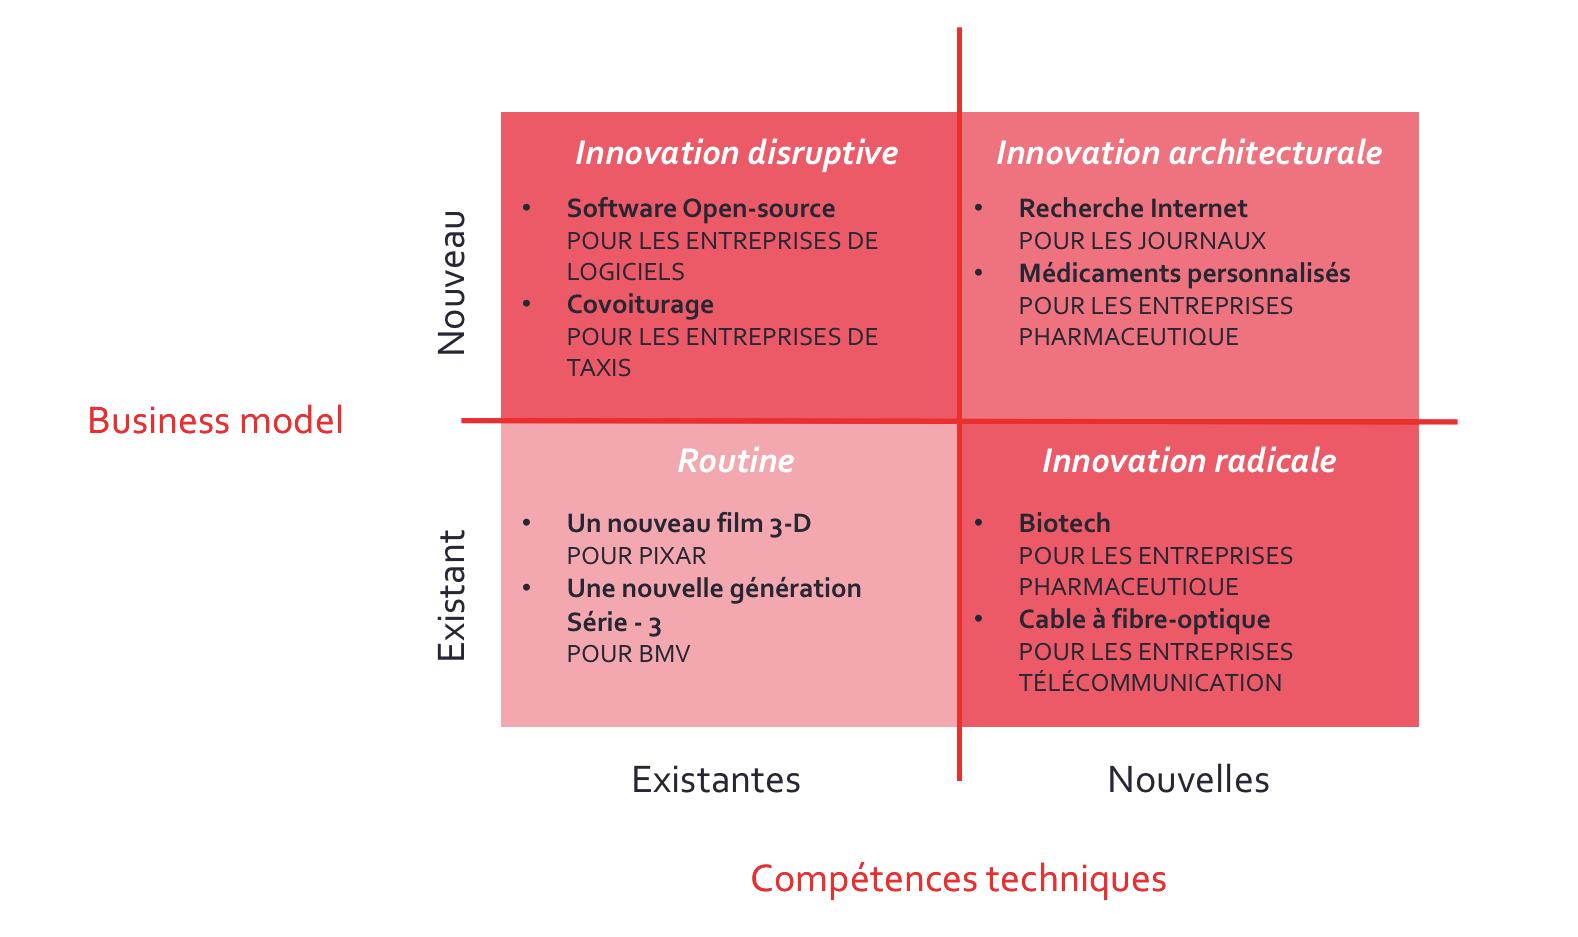 Le canevas de Gary Pisano innovation stratégie